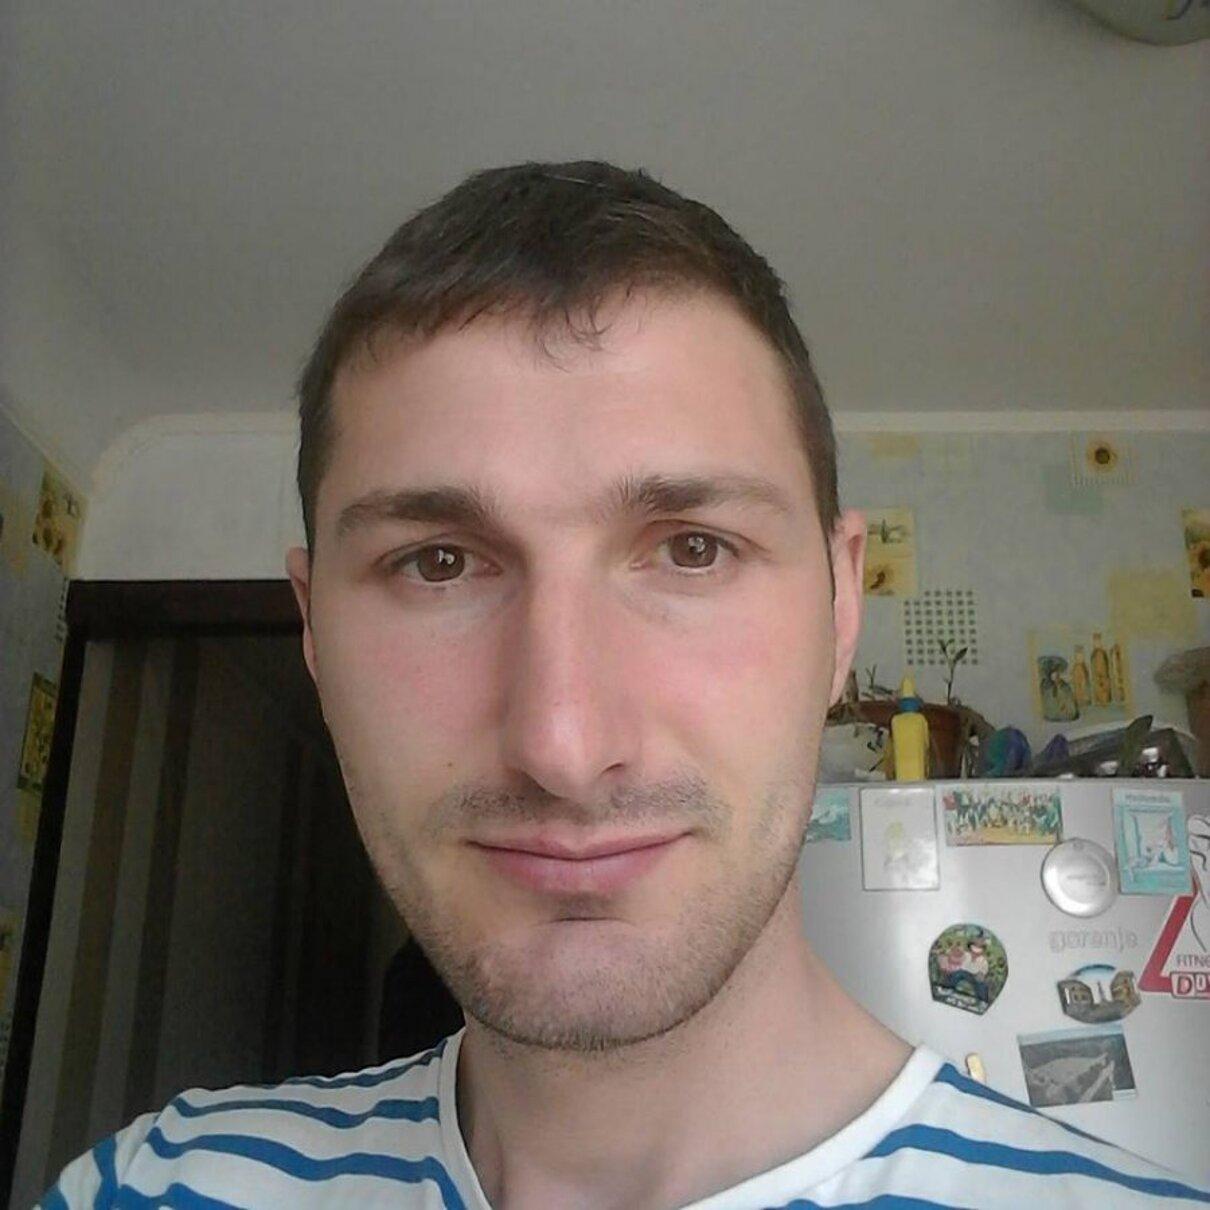 Жалоба-отзыв: Шестопалов Иван - Не рекомендую связываться.  Фото №3